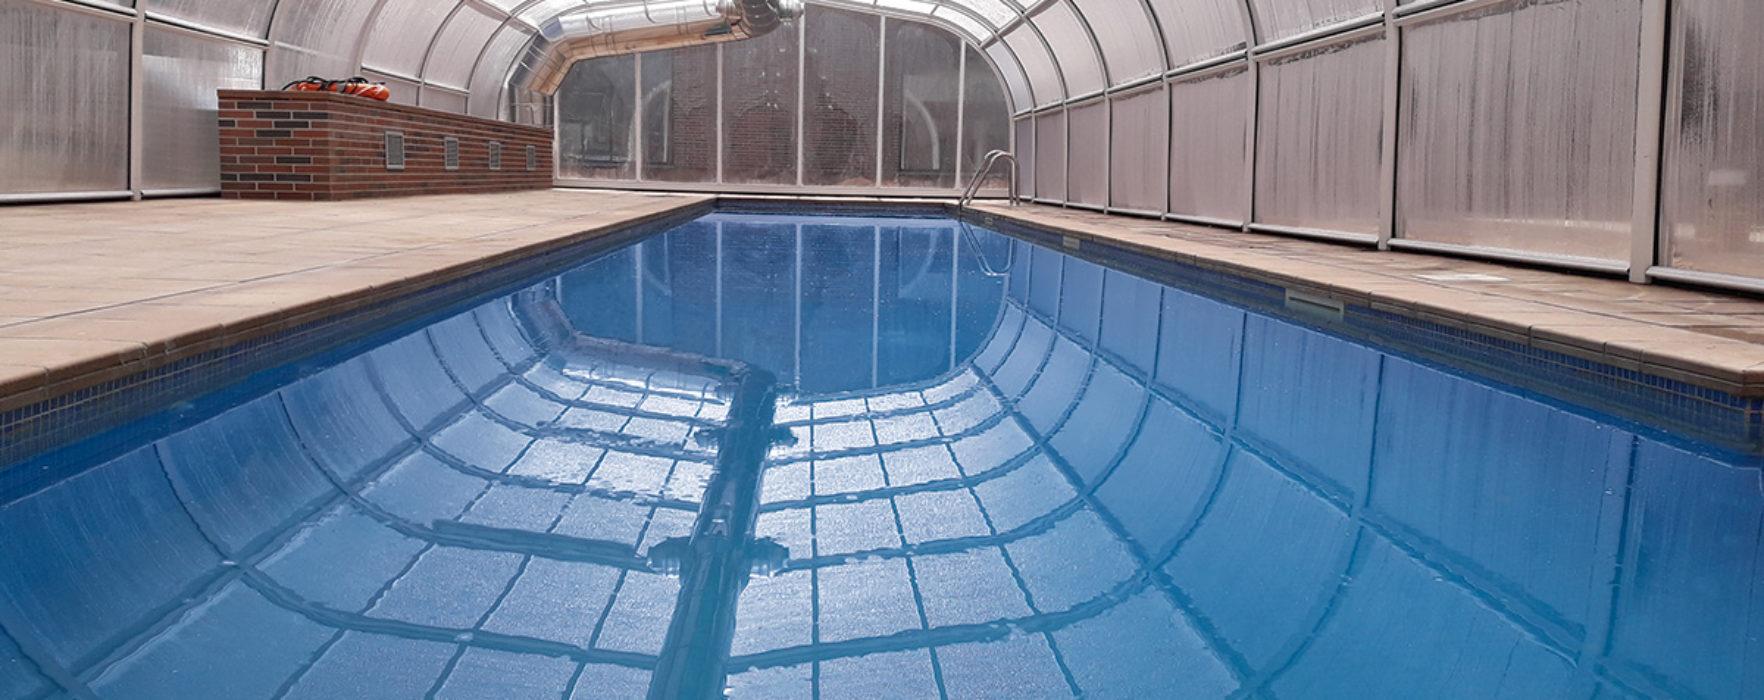 As es la piscina cubierta de tu piso de obra nueva en alicante - Piscina cubierta alicante ...